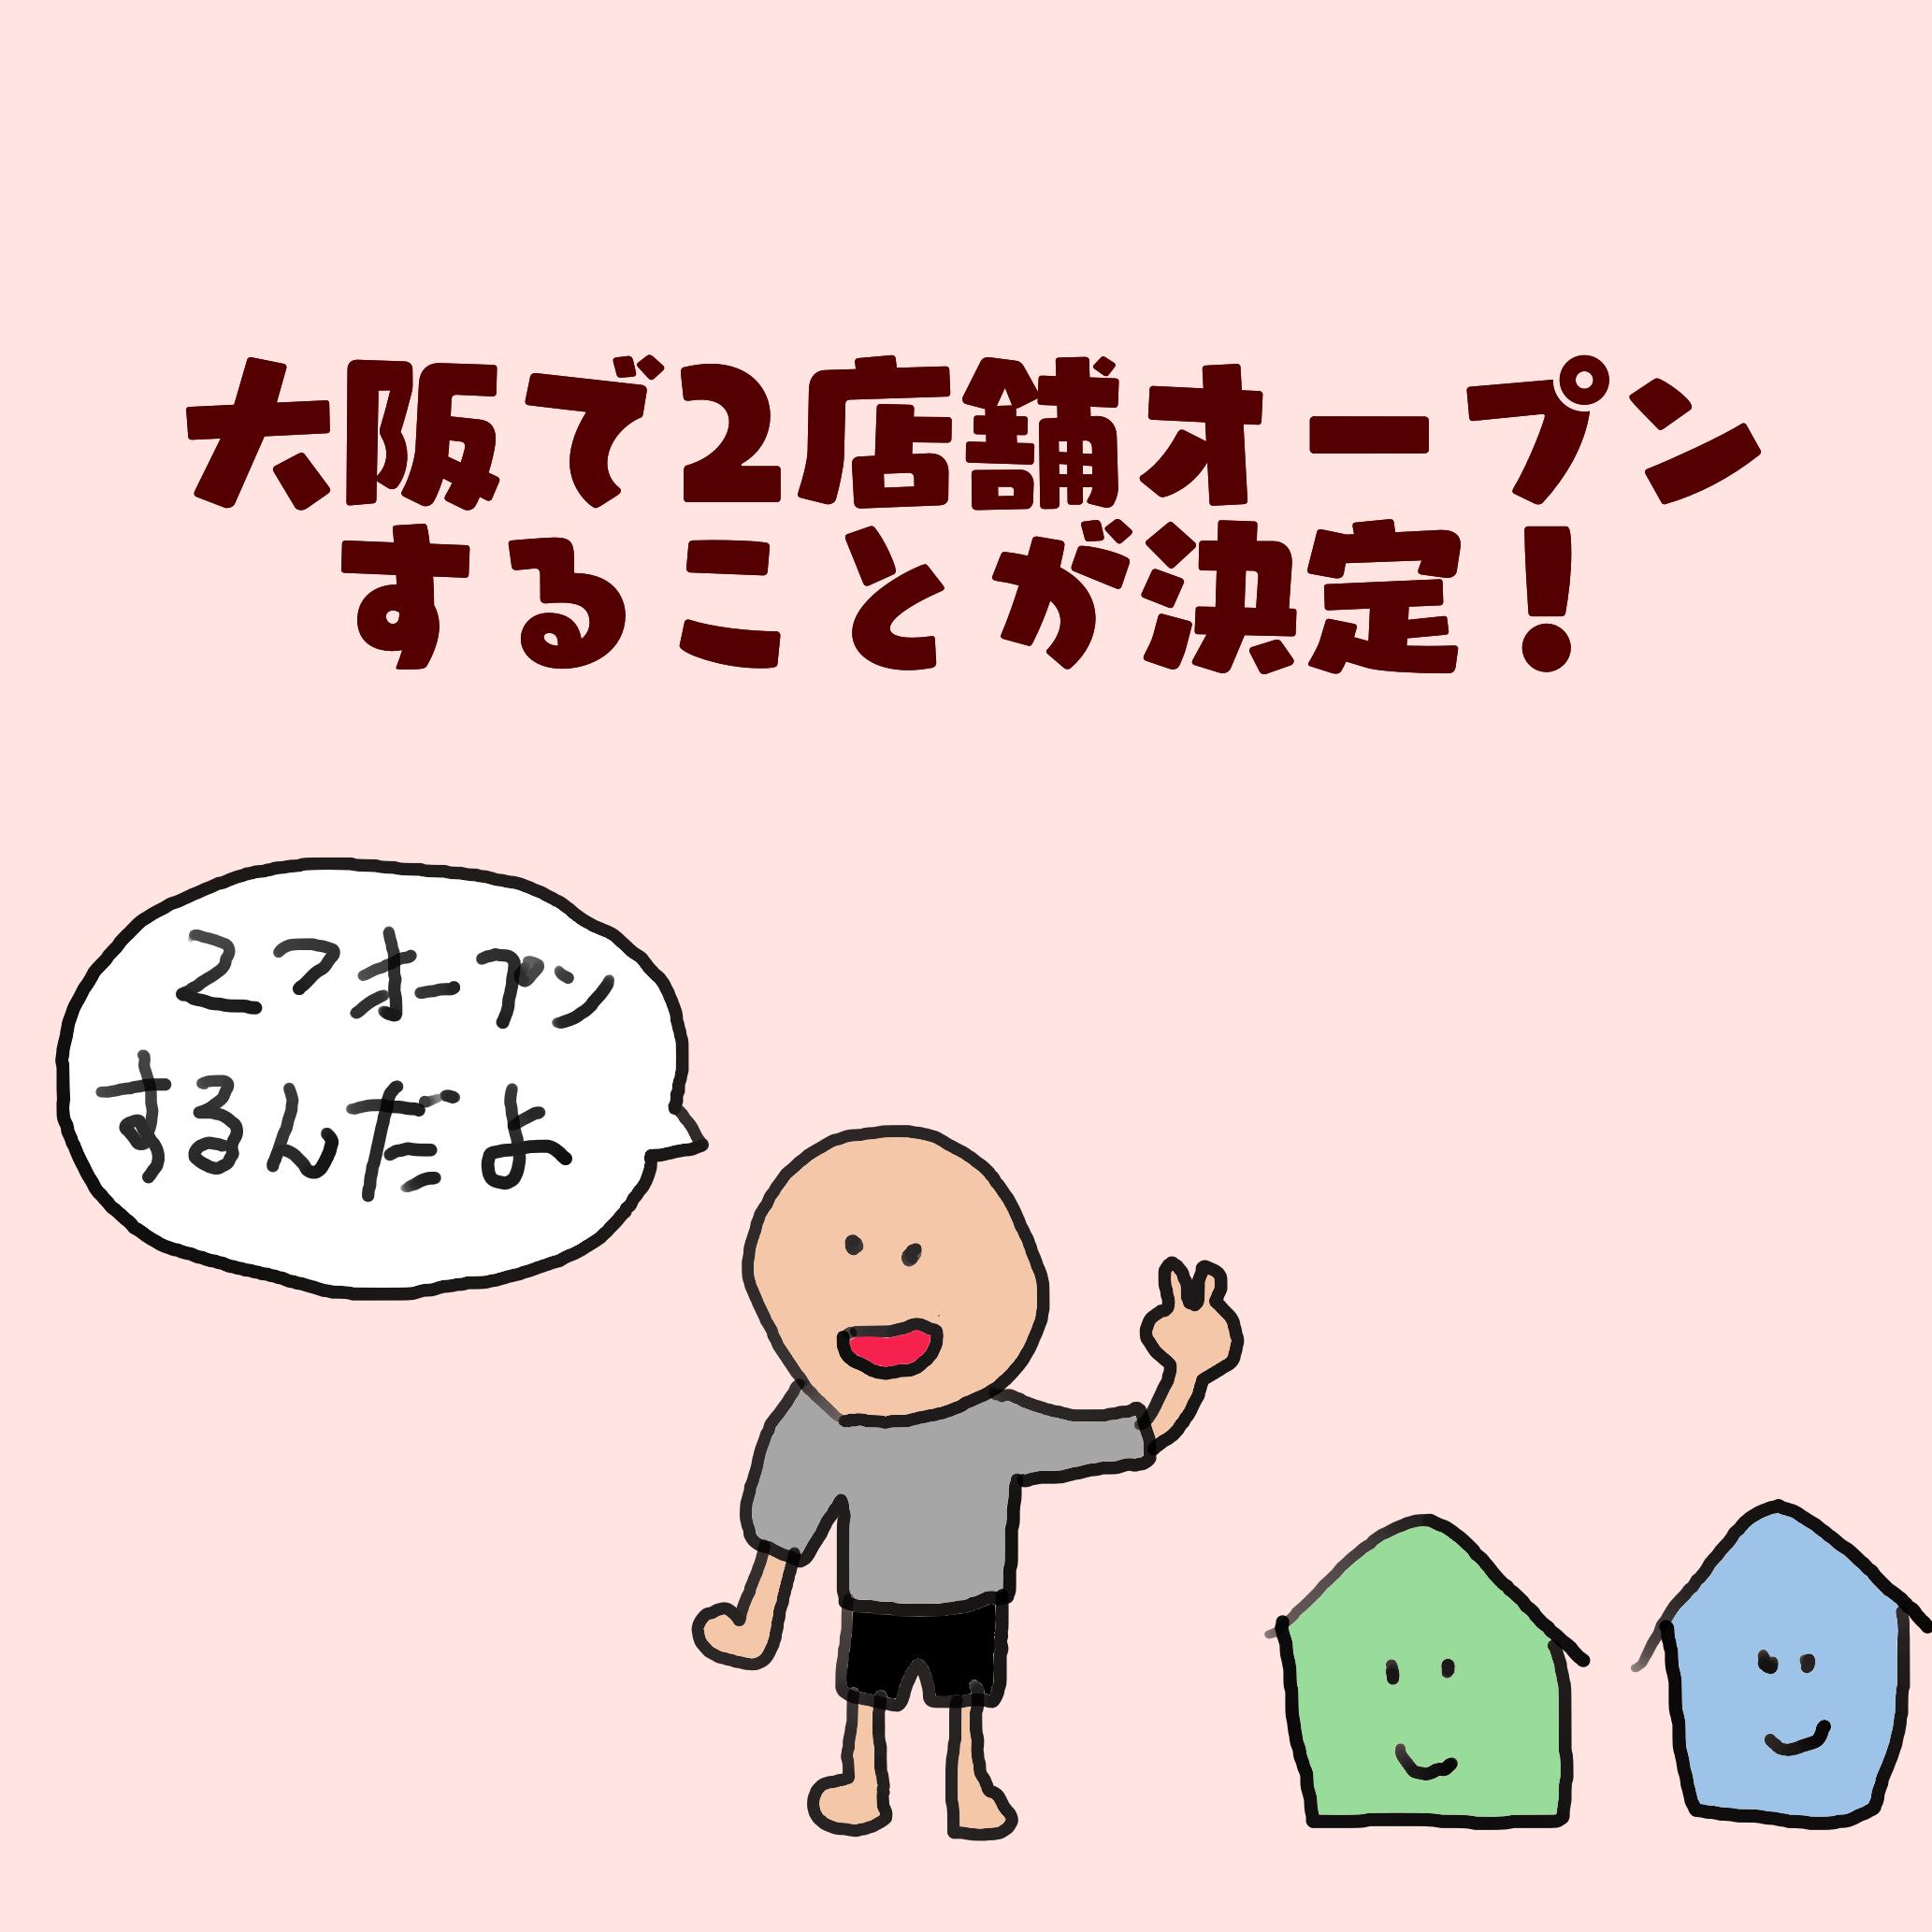 大阪で2店舗オープンすることが決まりました